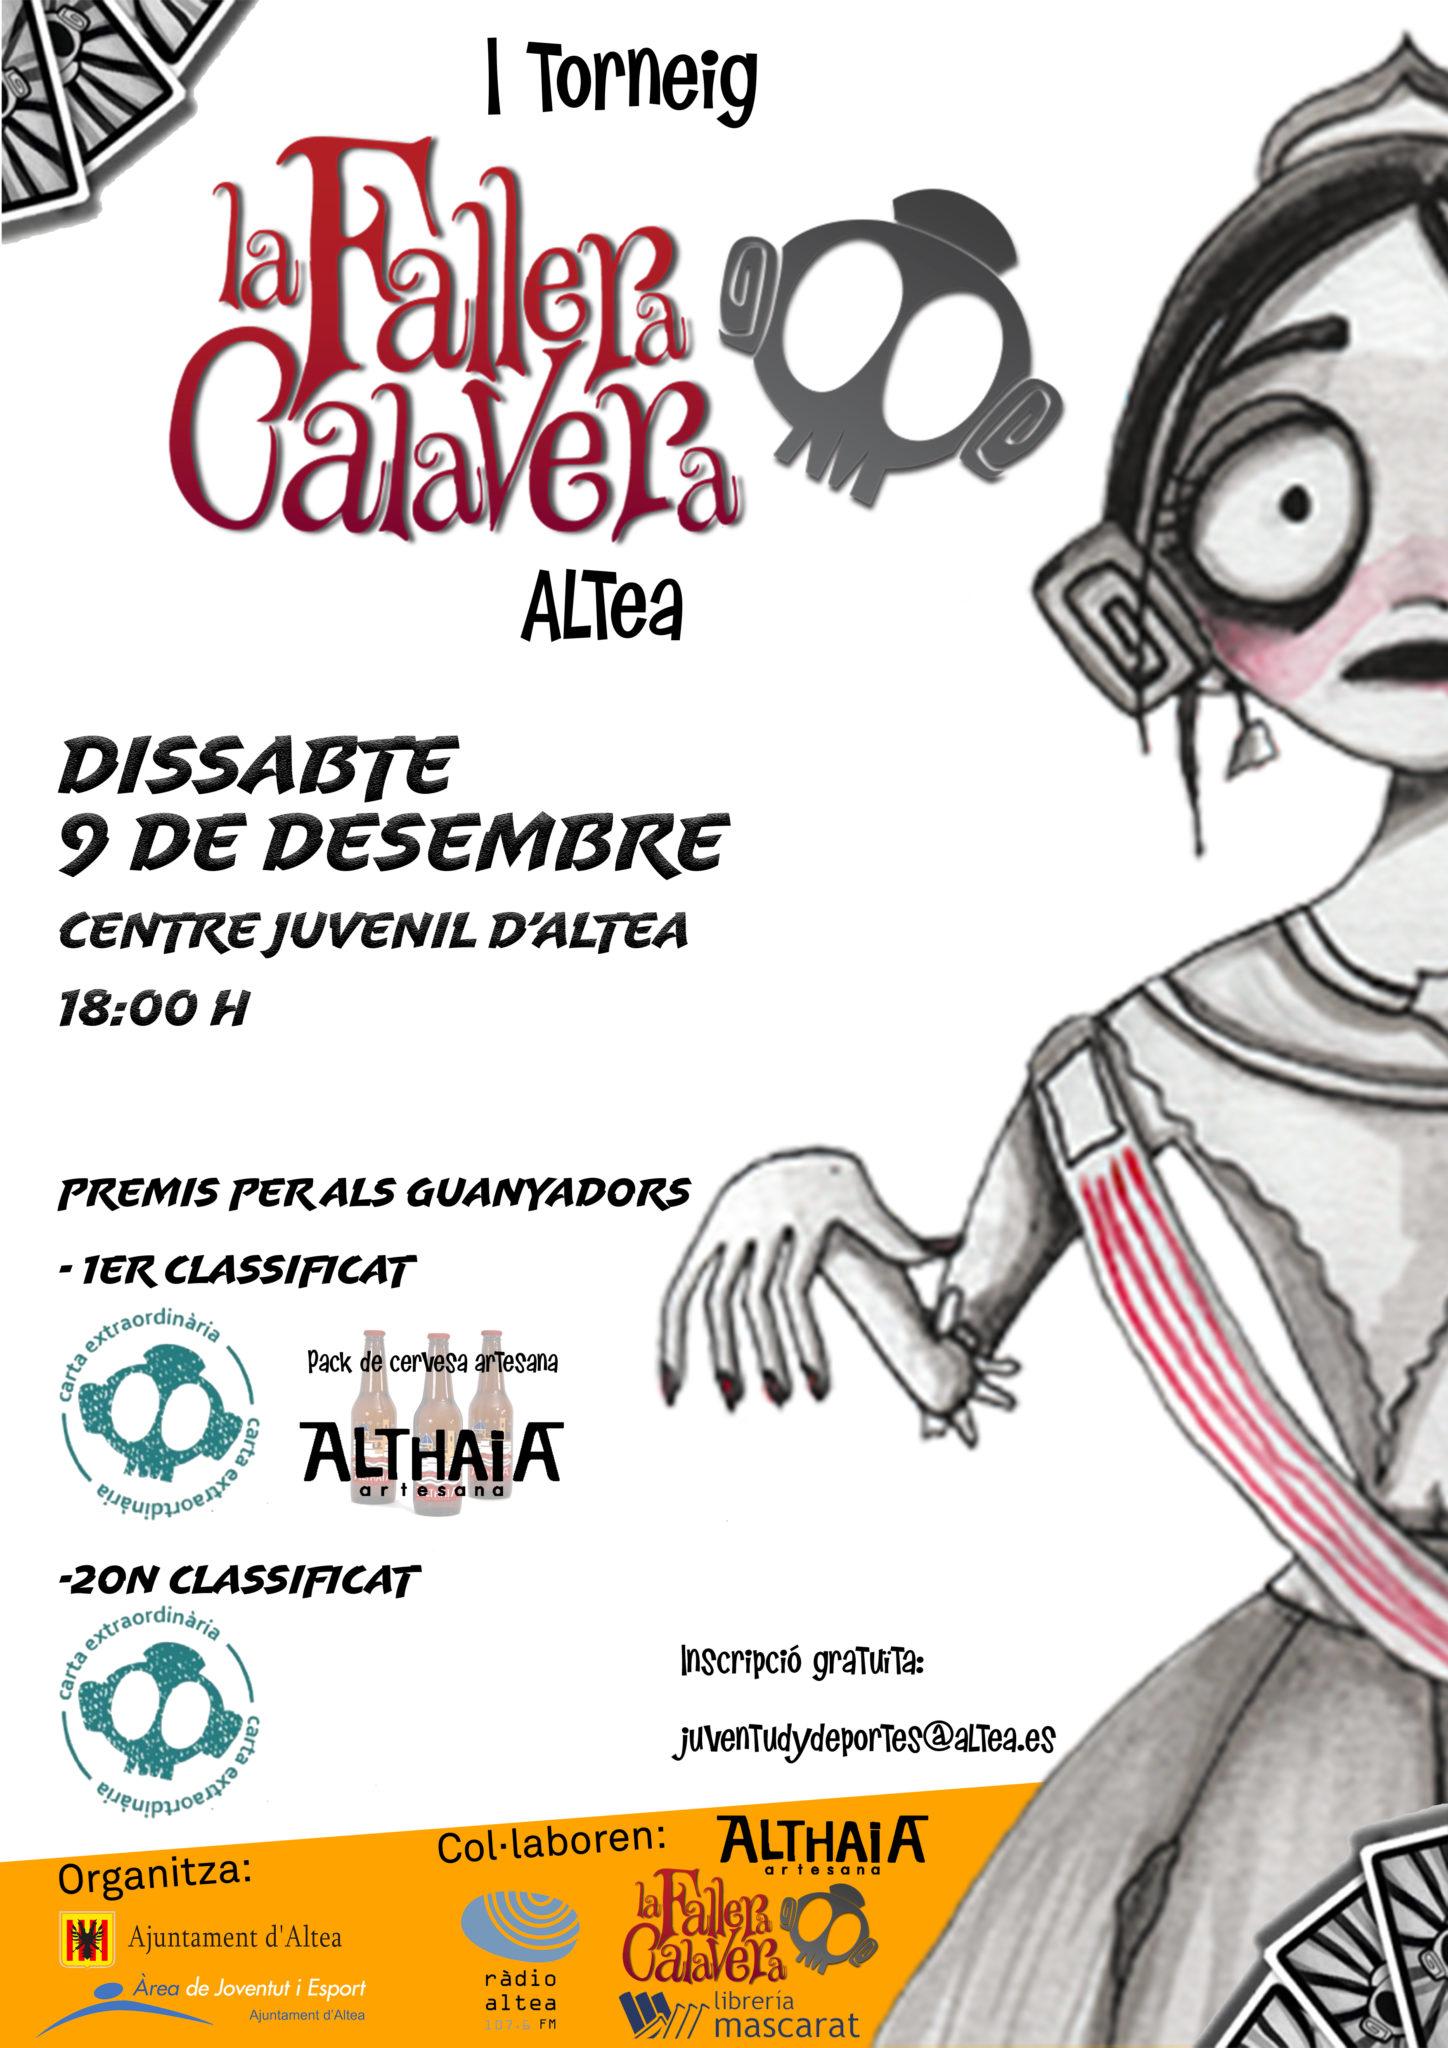 La Concejalía de Juventud organiza el primer torneo de 'la Fallera Calavera' en Altea